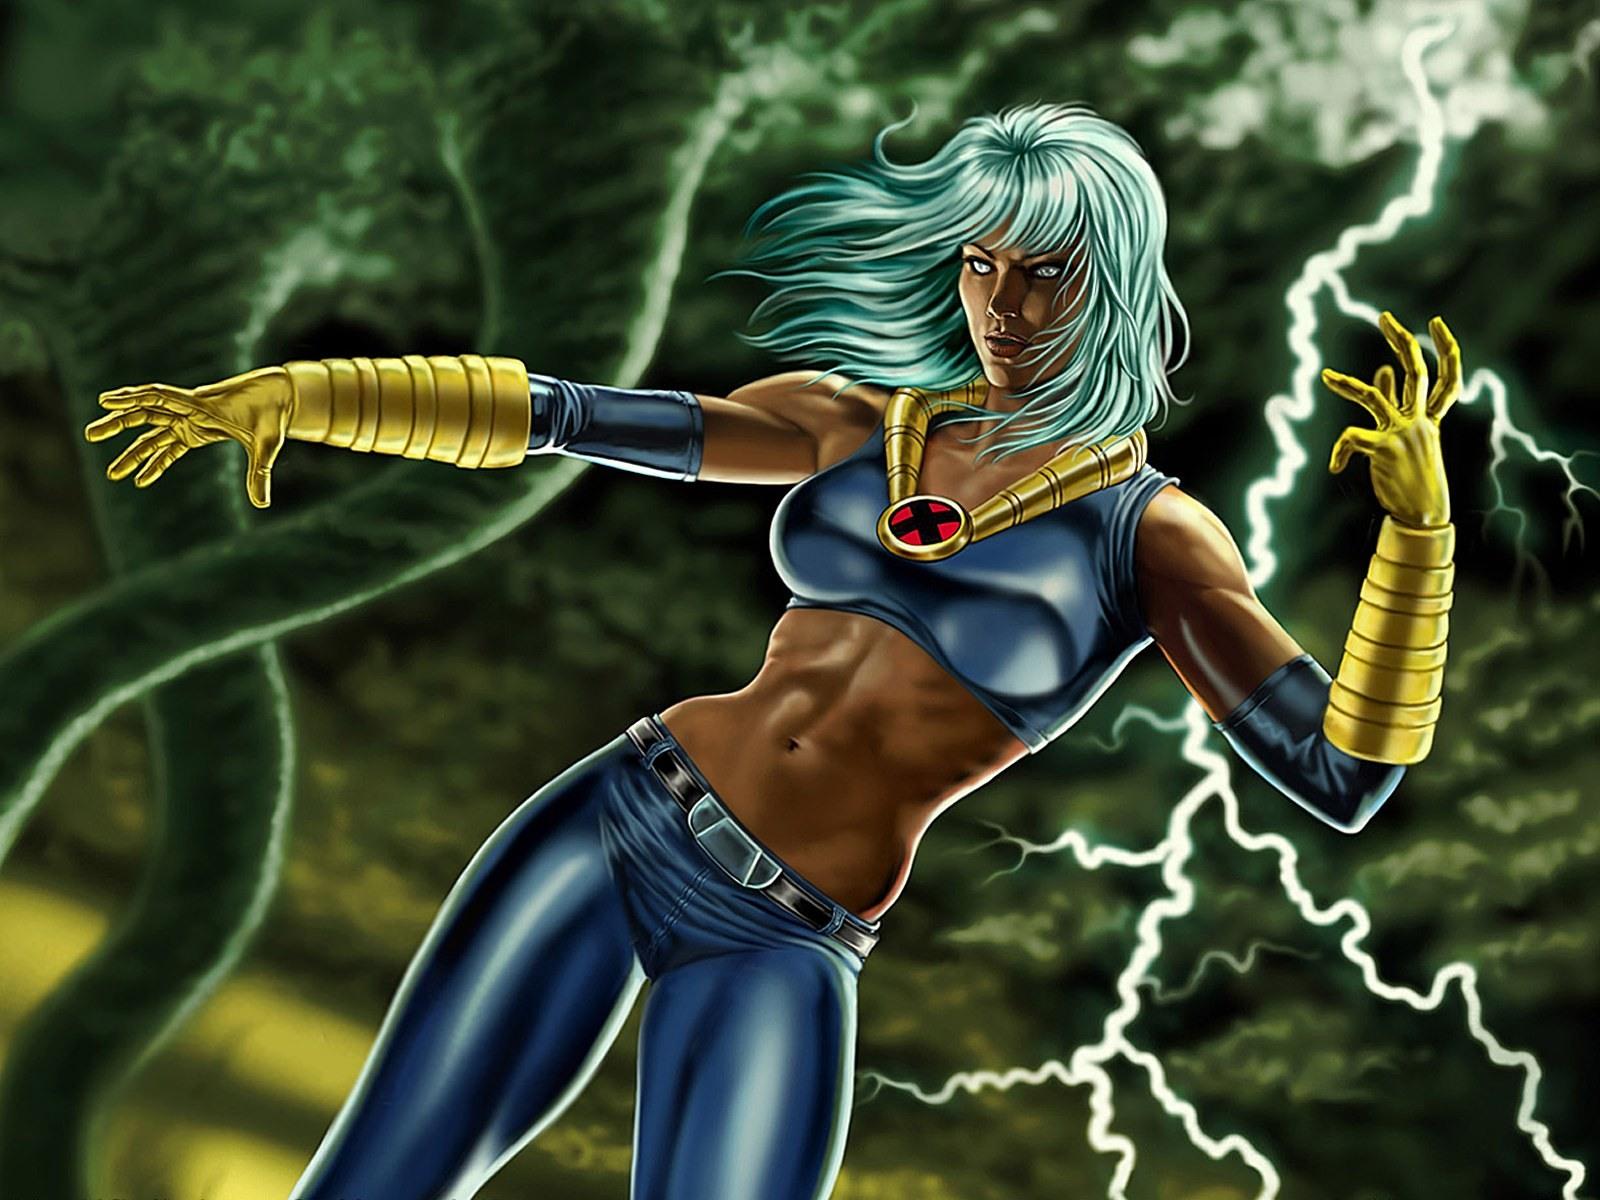 50 Stunning Super Hero Posters Creativeoverflow 1600x1200